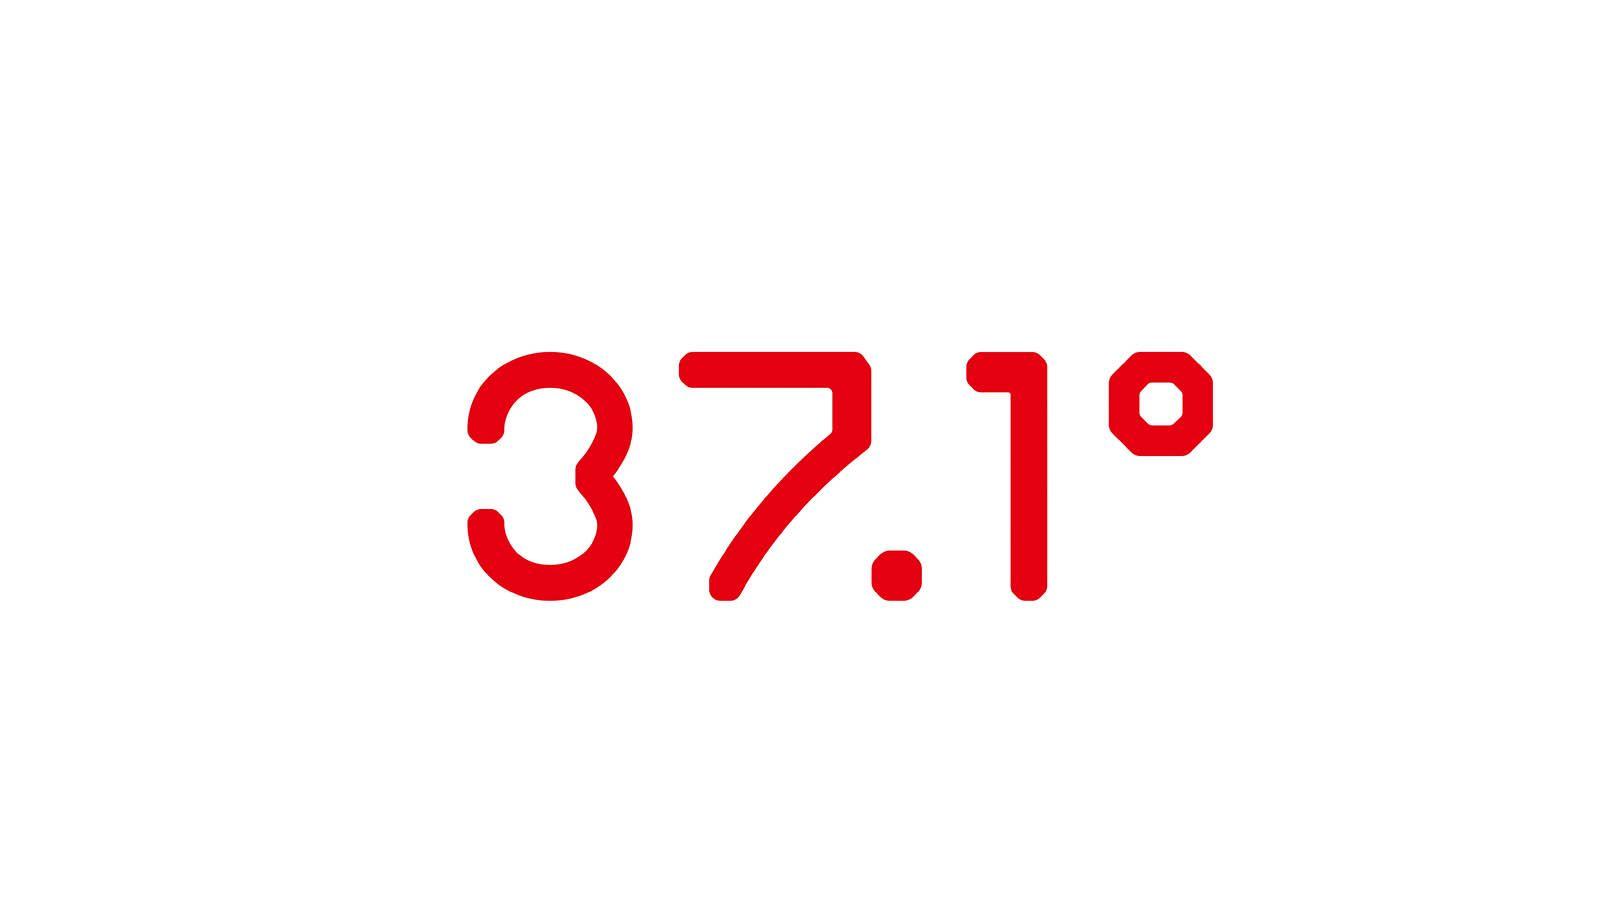 映画を再発明する。ネット映画の最新事例 微電影レーベル「37.1°」の試み